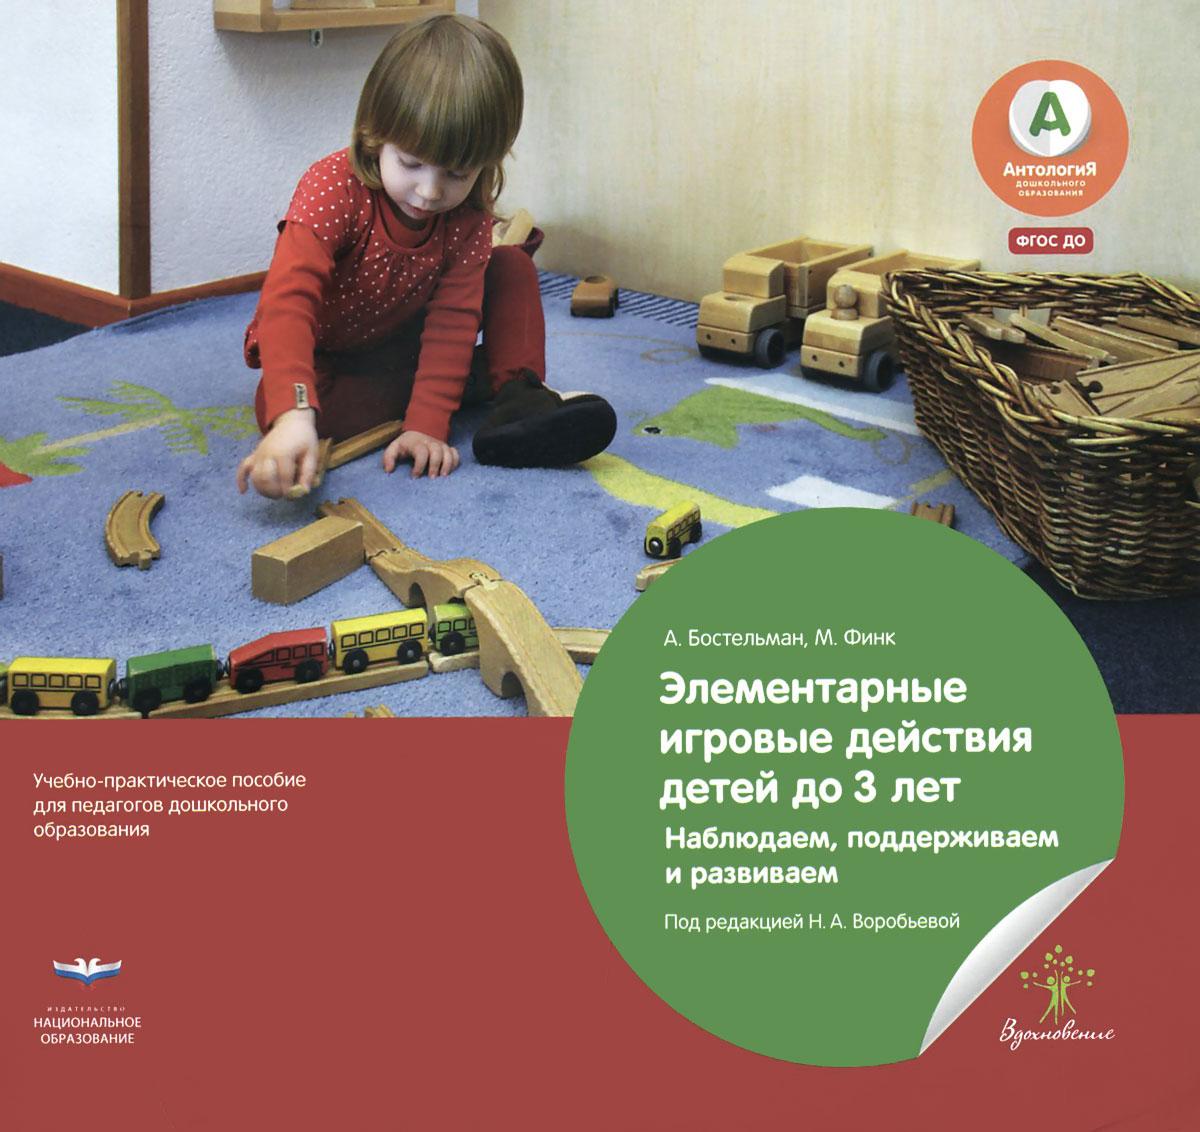 Элементарные игровые действия детей до 3 лет. Наблюдаем, поддерживаем и развиваем